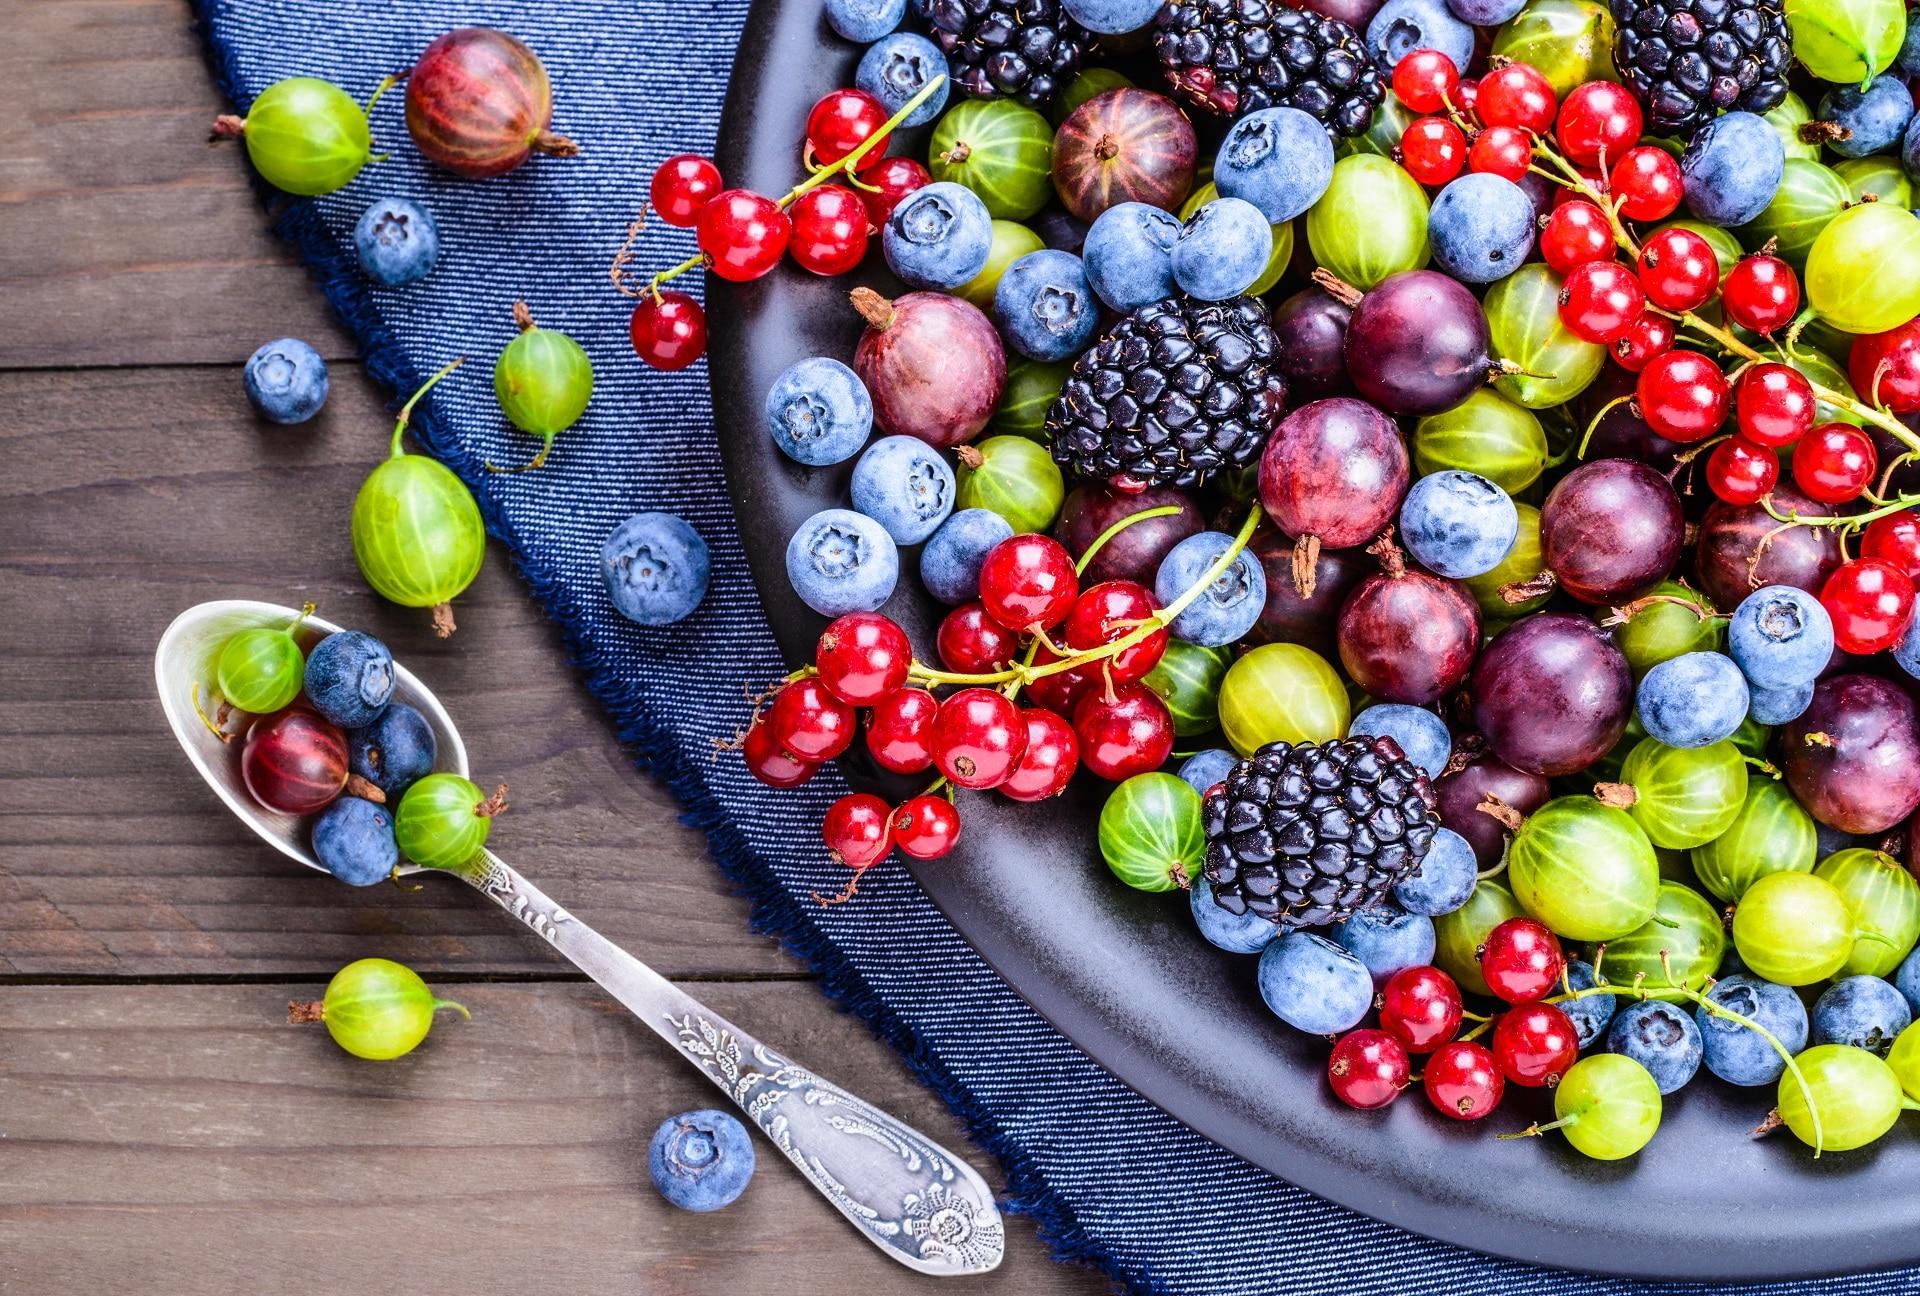 Les antioxydants et leurs bénéfices pour notre santé